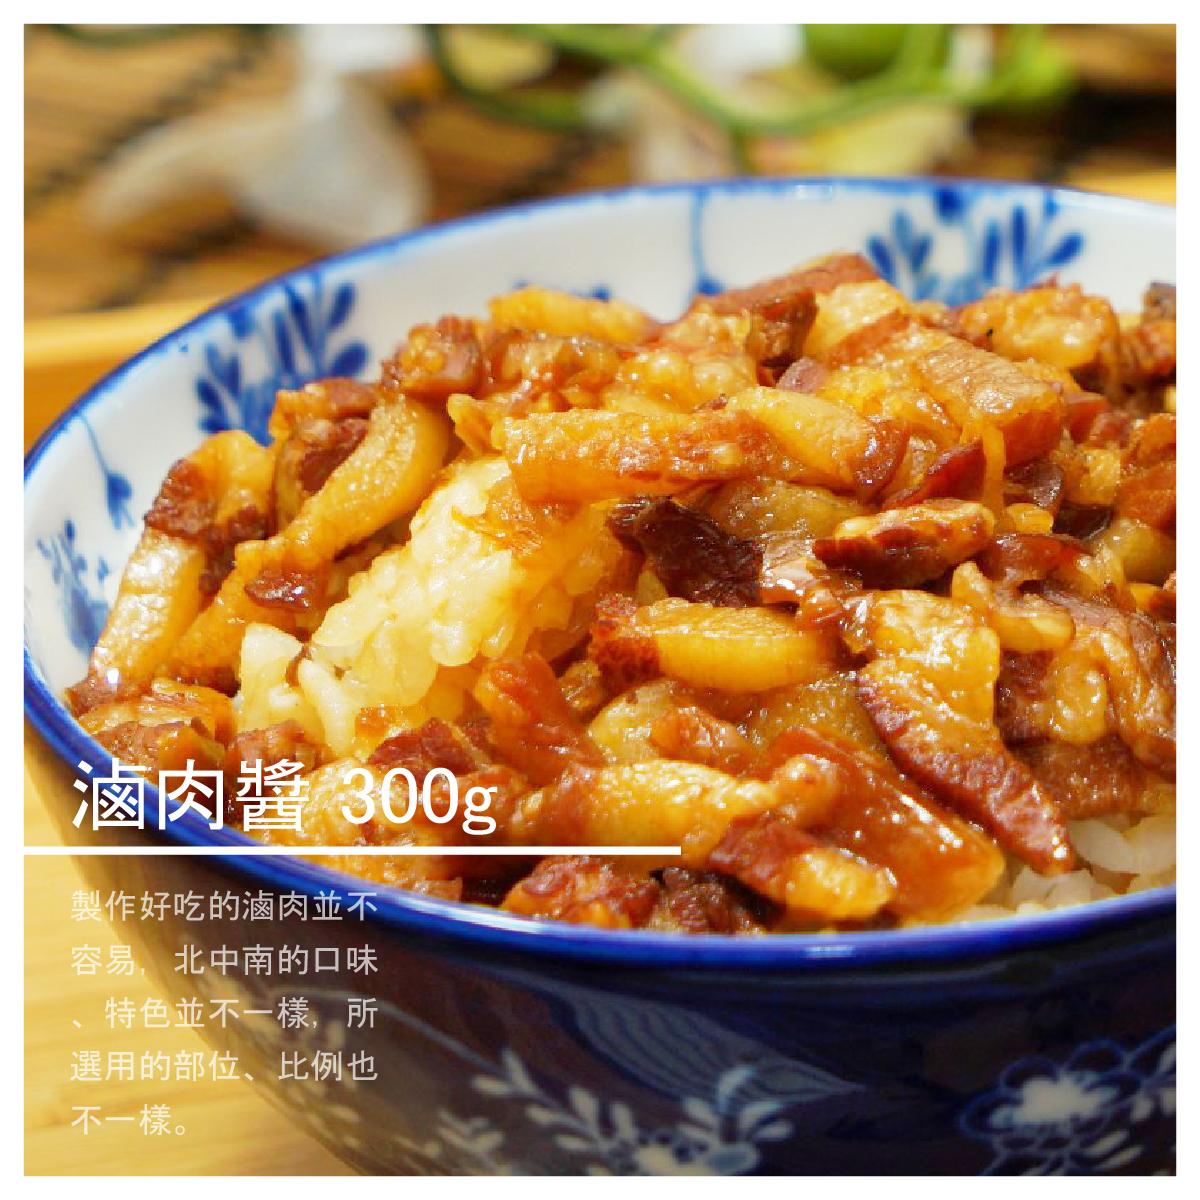 【豬大帥】滷肉醬 300g